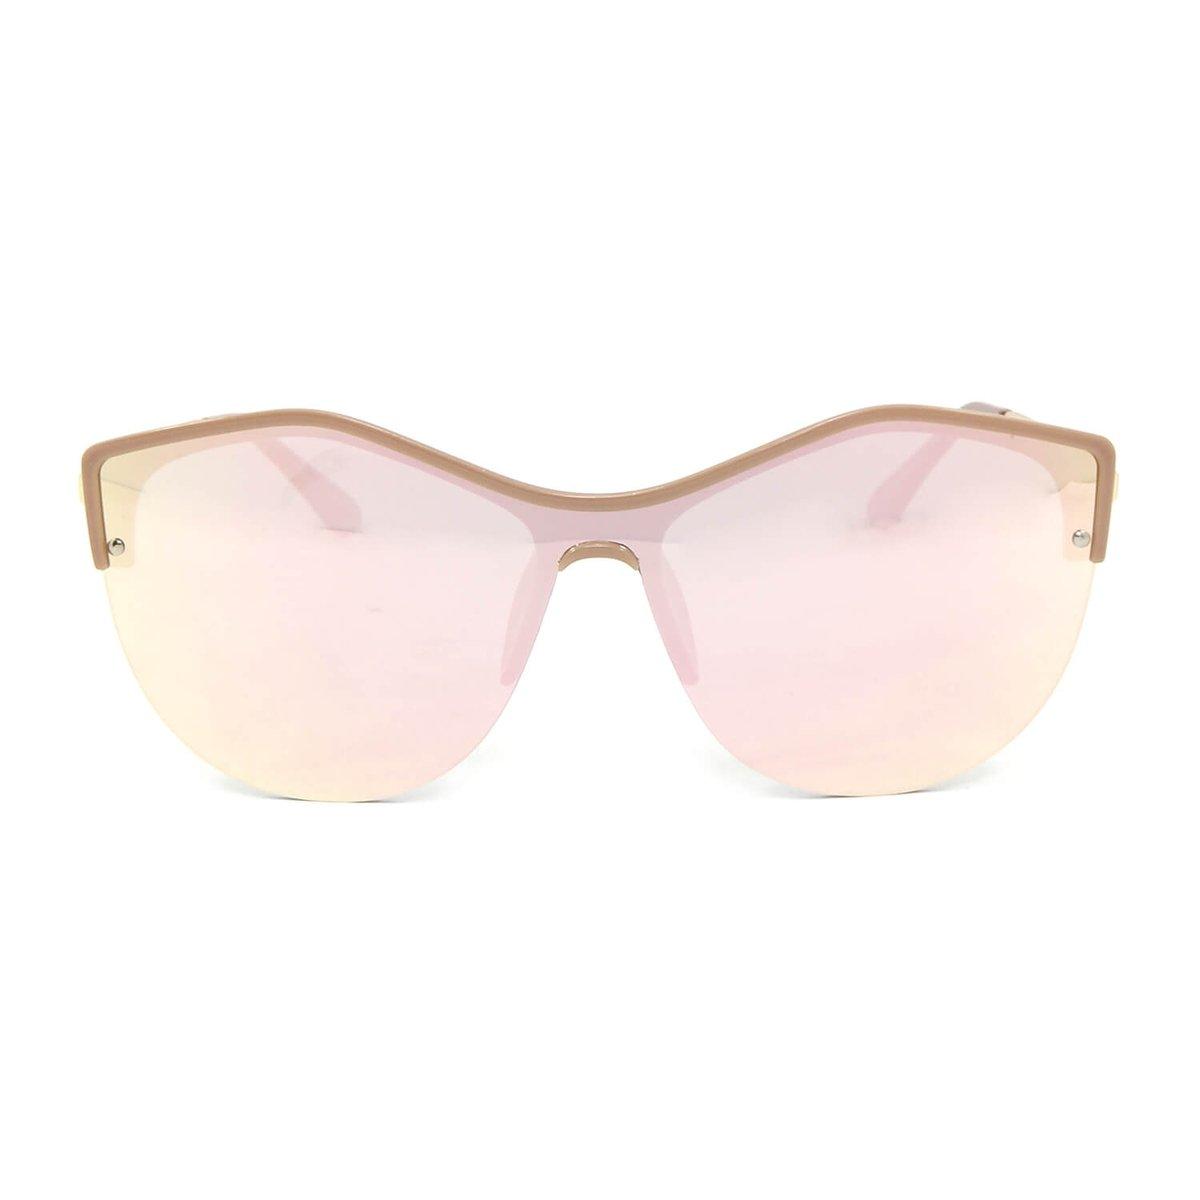 Óculos de Sol Flat Rosa Espelhado - Estampado - Compre Agora   Netshoes de549e462c